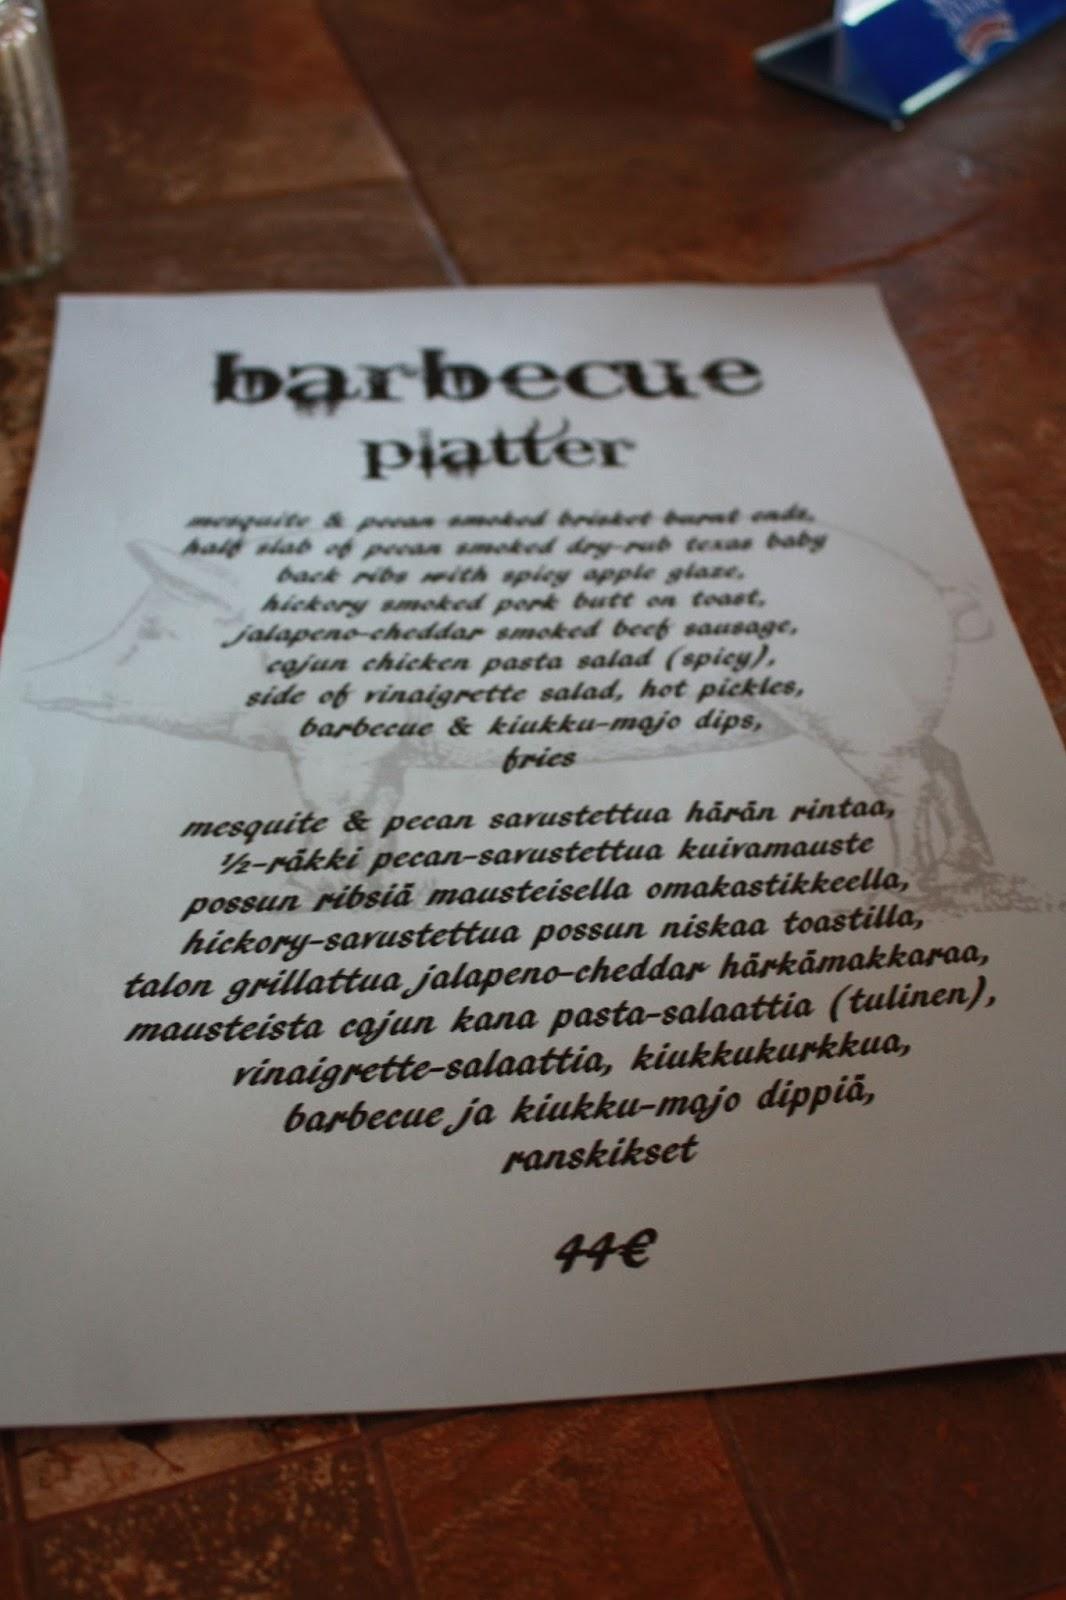 jäppilän kievari jäppilä ravintola kesäravintola jenkkiruoka bbq amerikkalainen ruoka mallaspulla